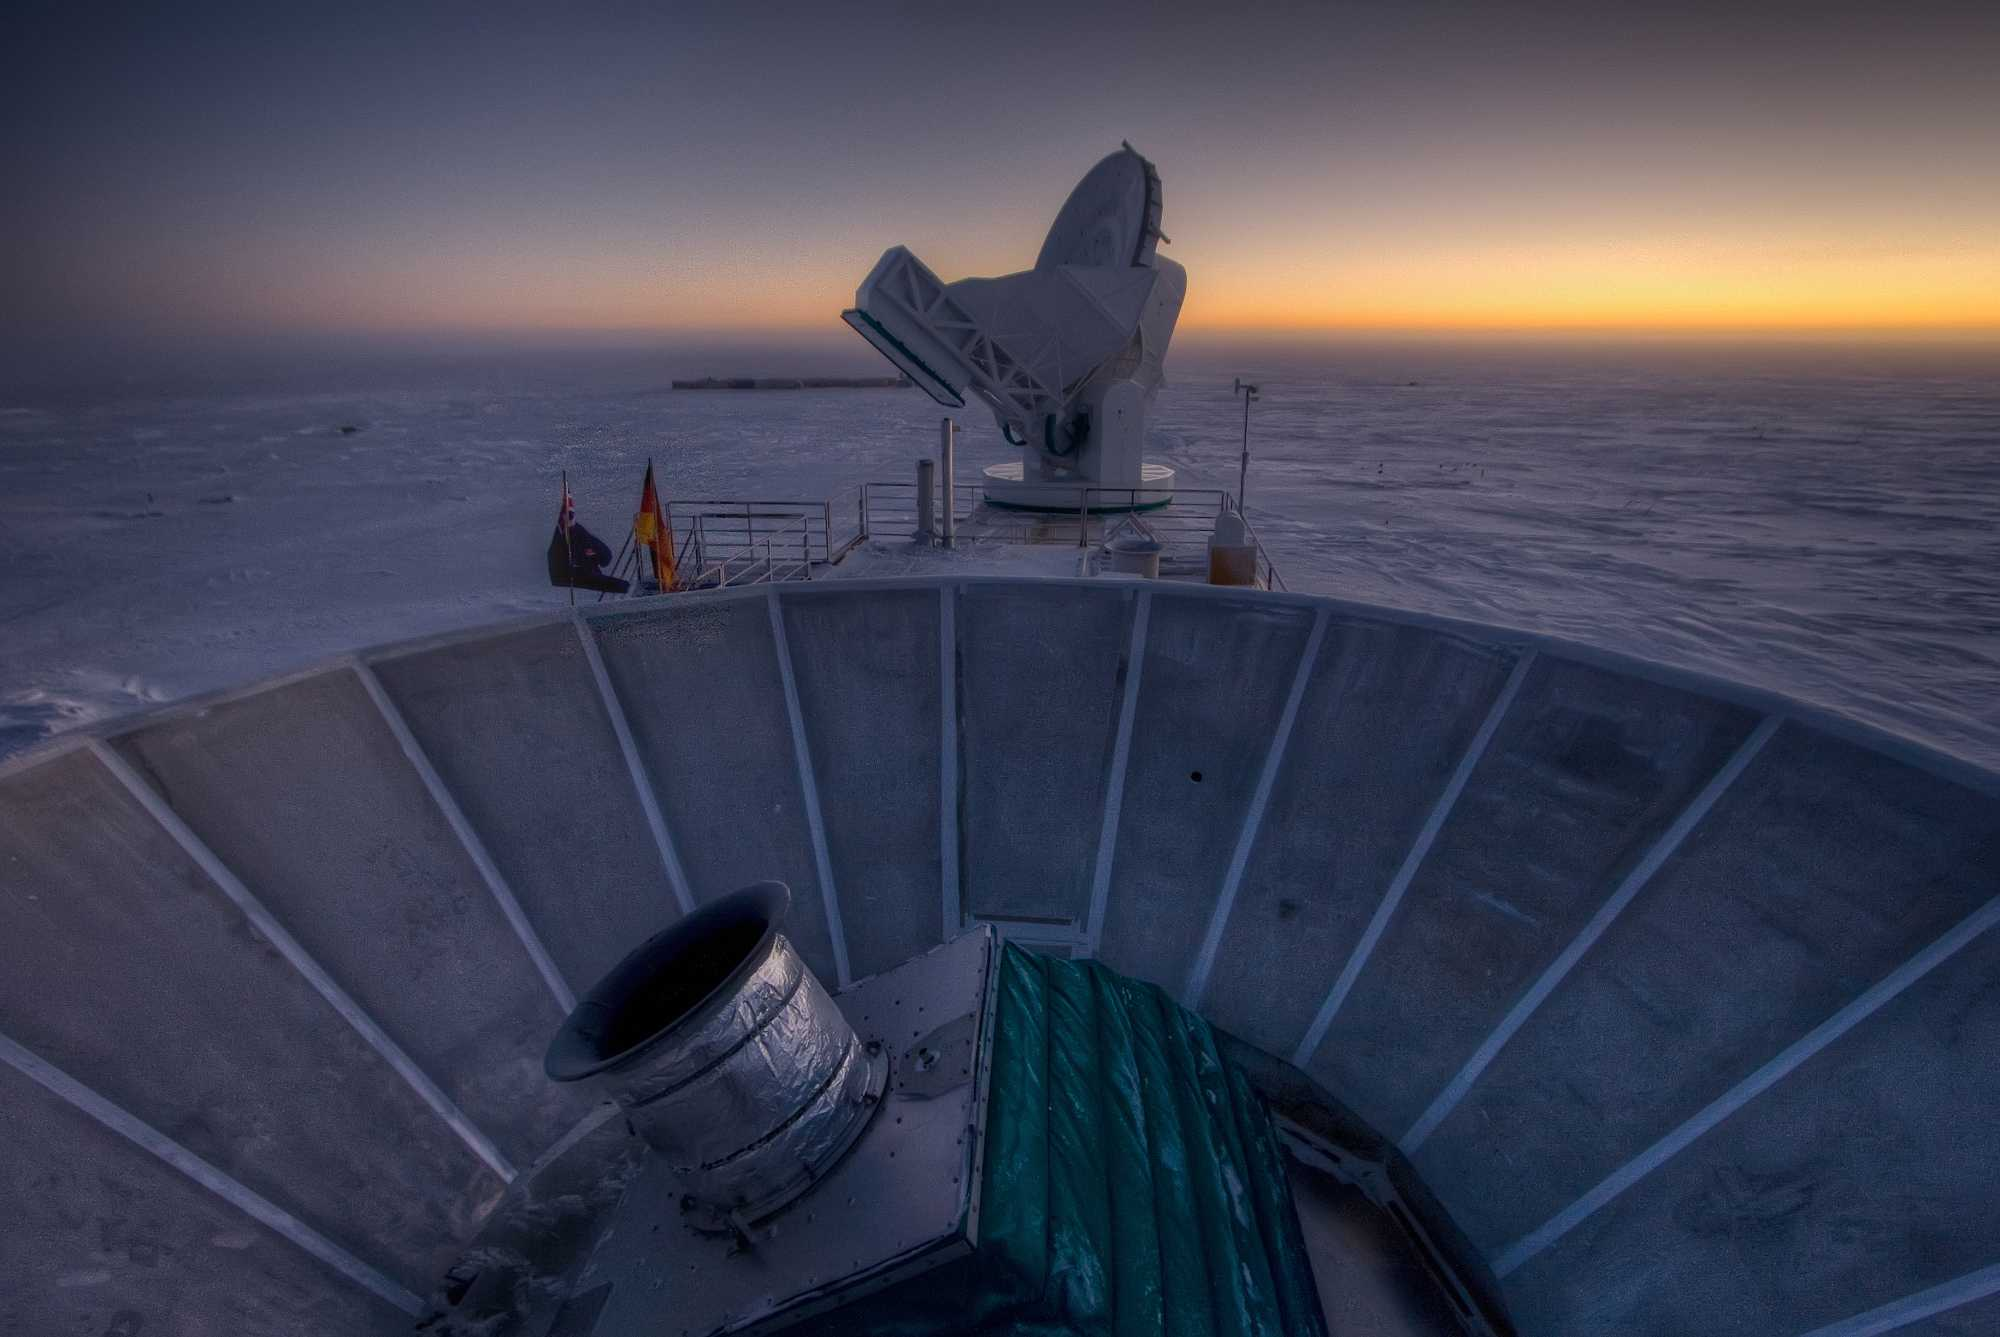 Das Instrument BICEP2 am Südpol